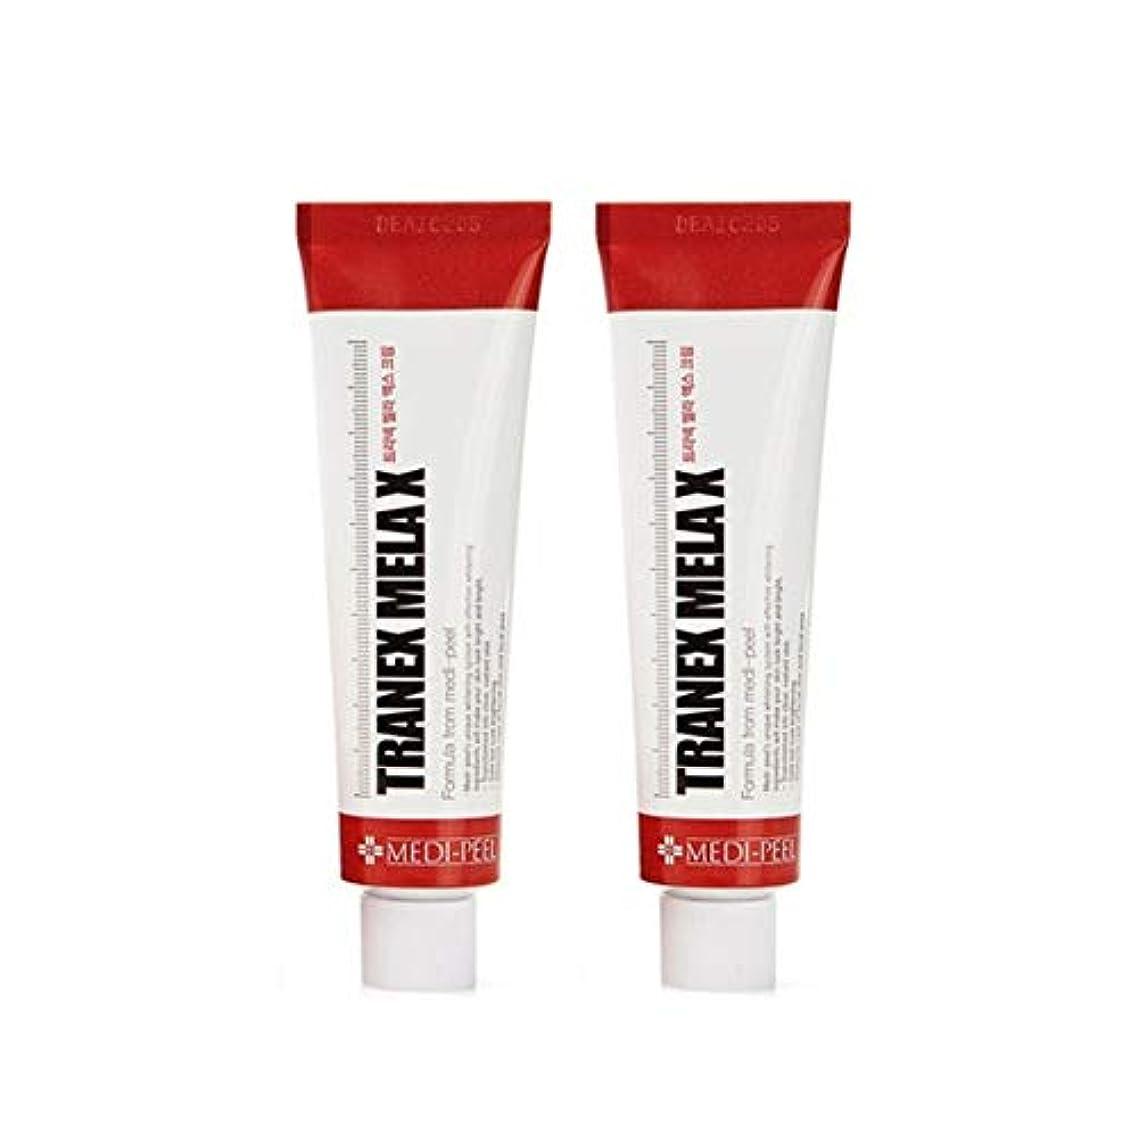 ジョセフバンクスユーモア溝メディピル?トラネック?メラX?クリーム30mlx2本セット美白クリーム韓国コスメ、Medi-Peel Tranex Mela X Cream 30ml x 2ea Set Whitening Cream Korean...